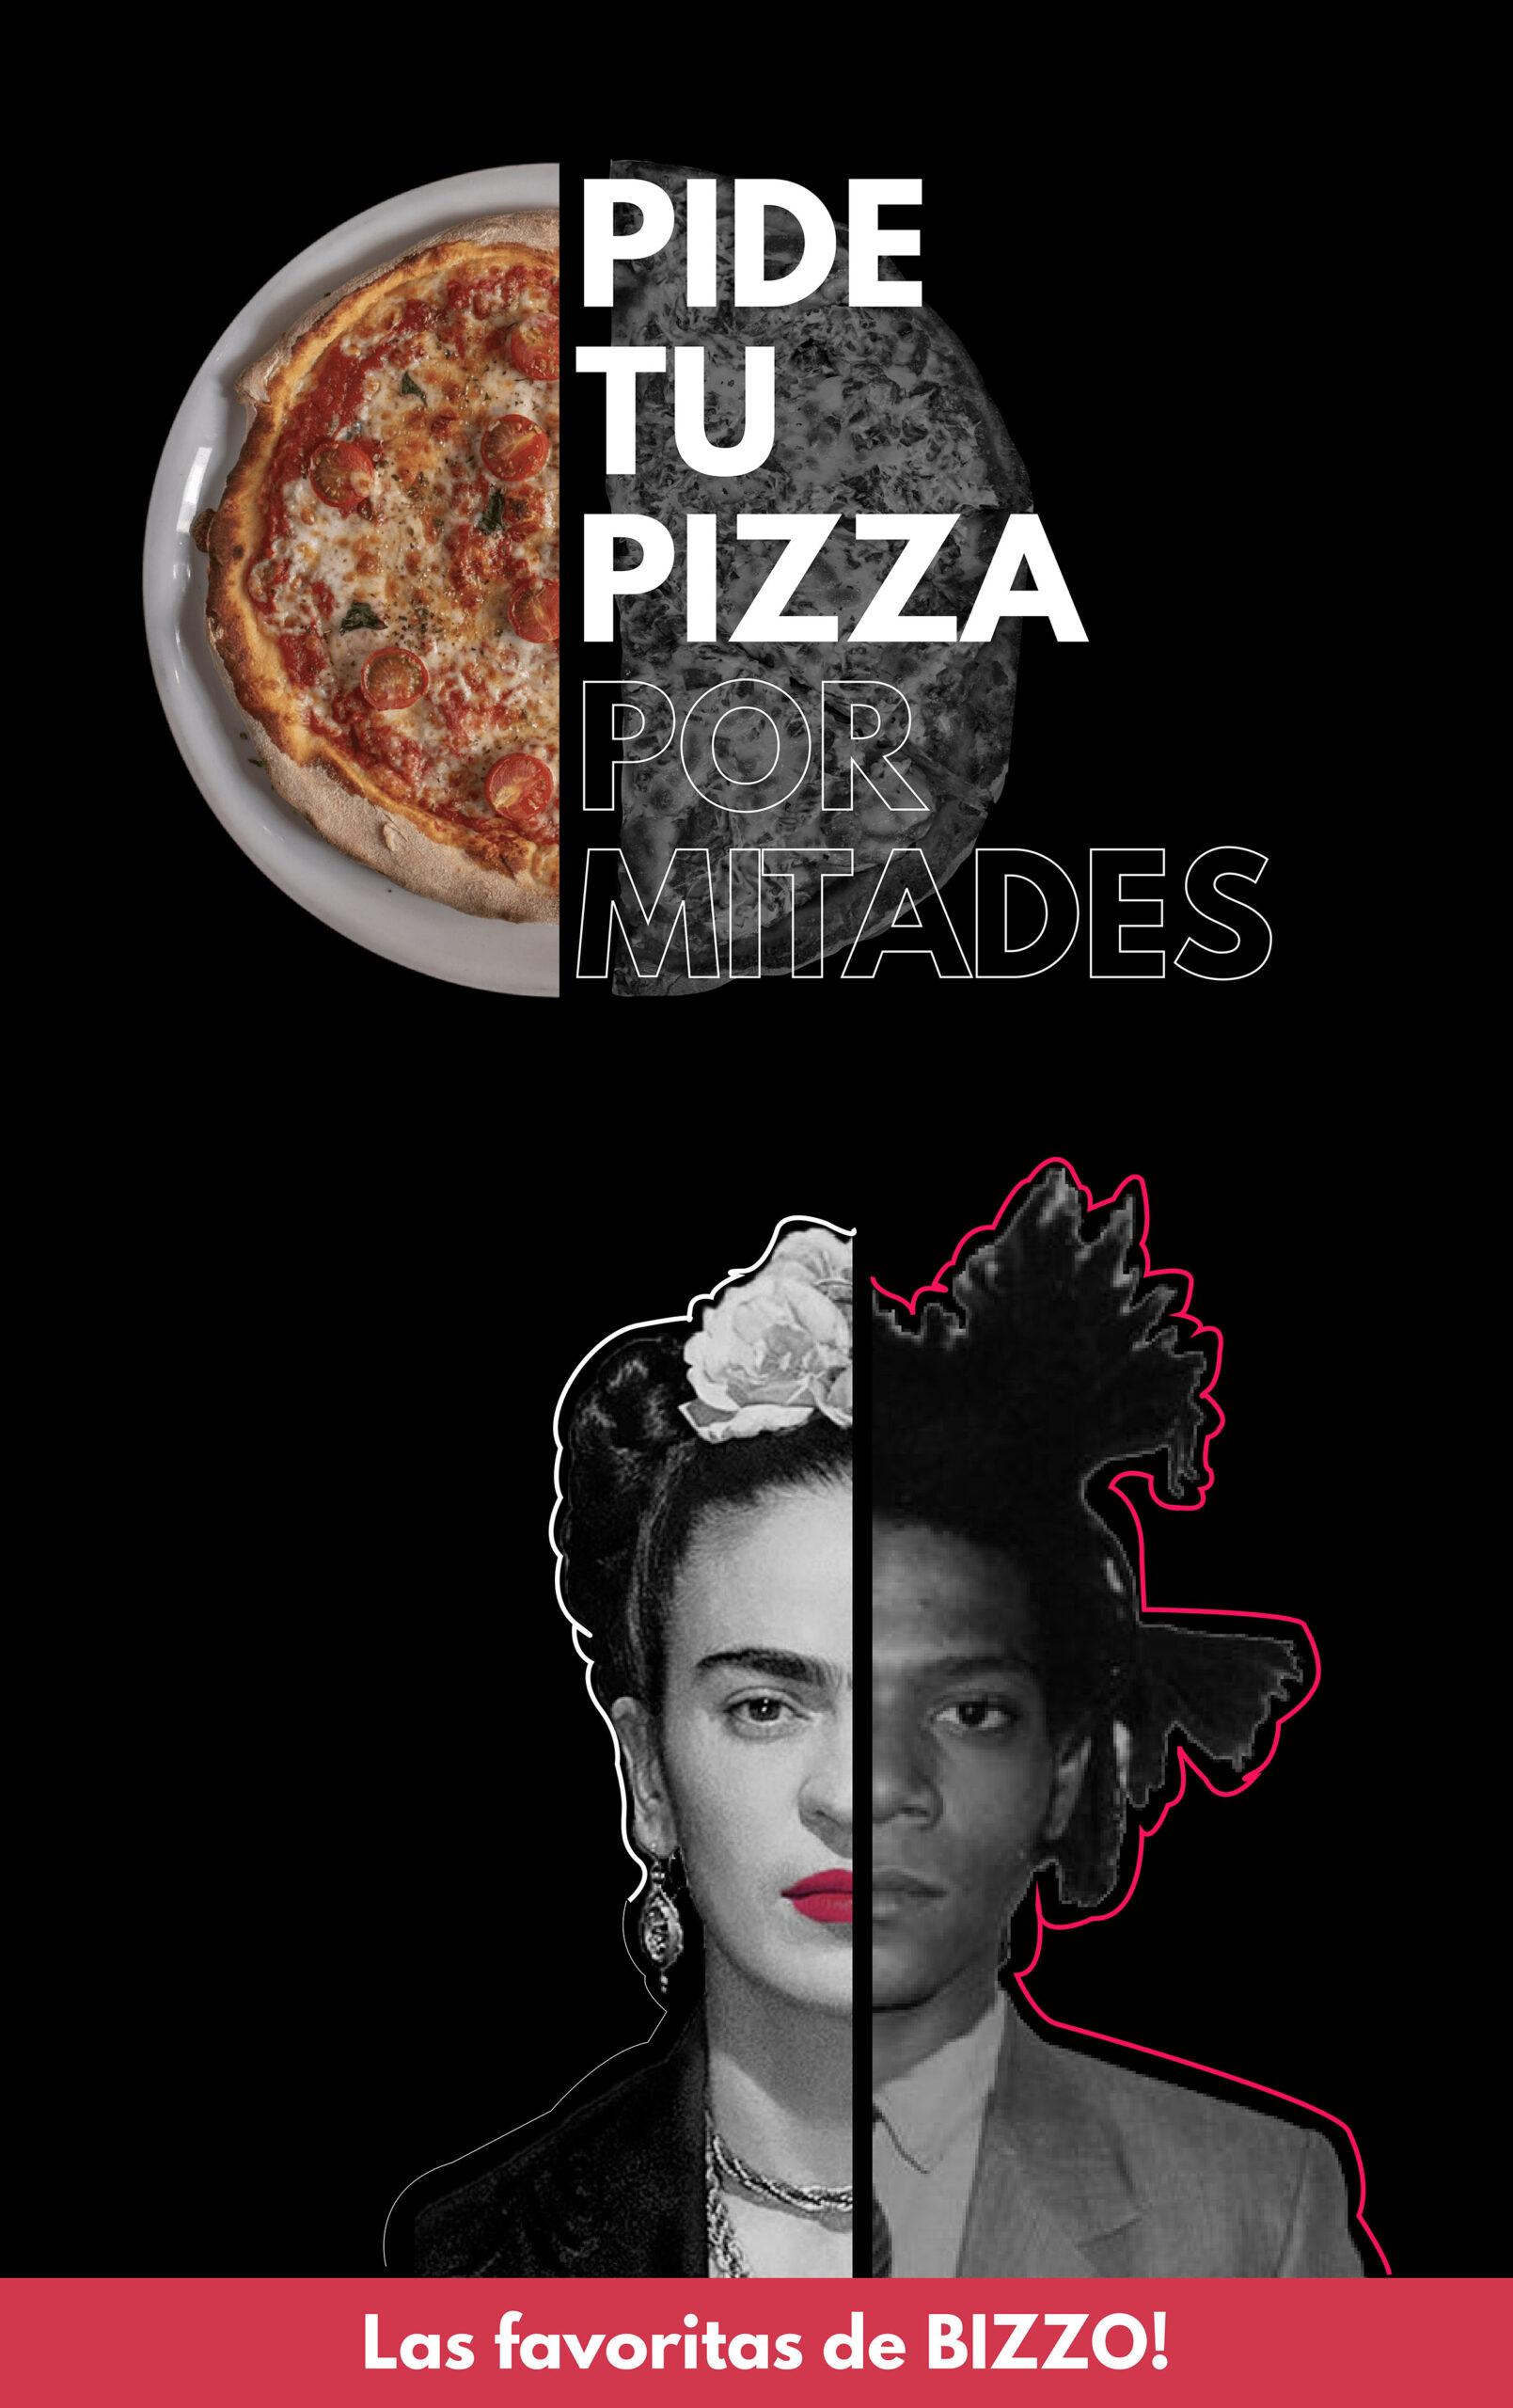 pizza-bizzo-pide-tu-pizza-por-mitades-